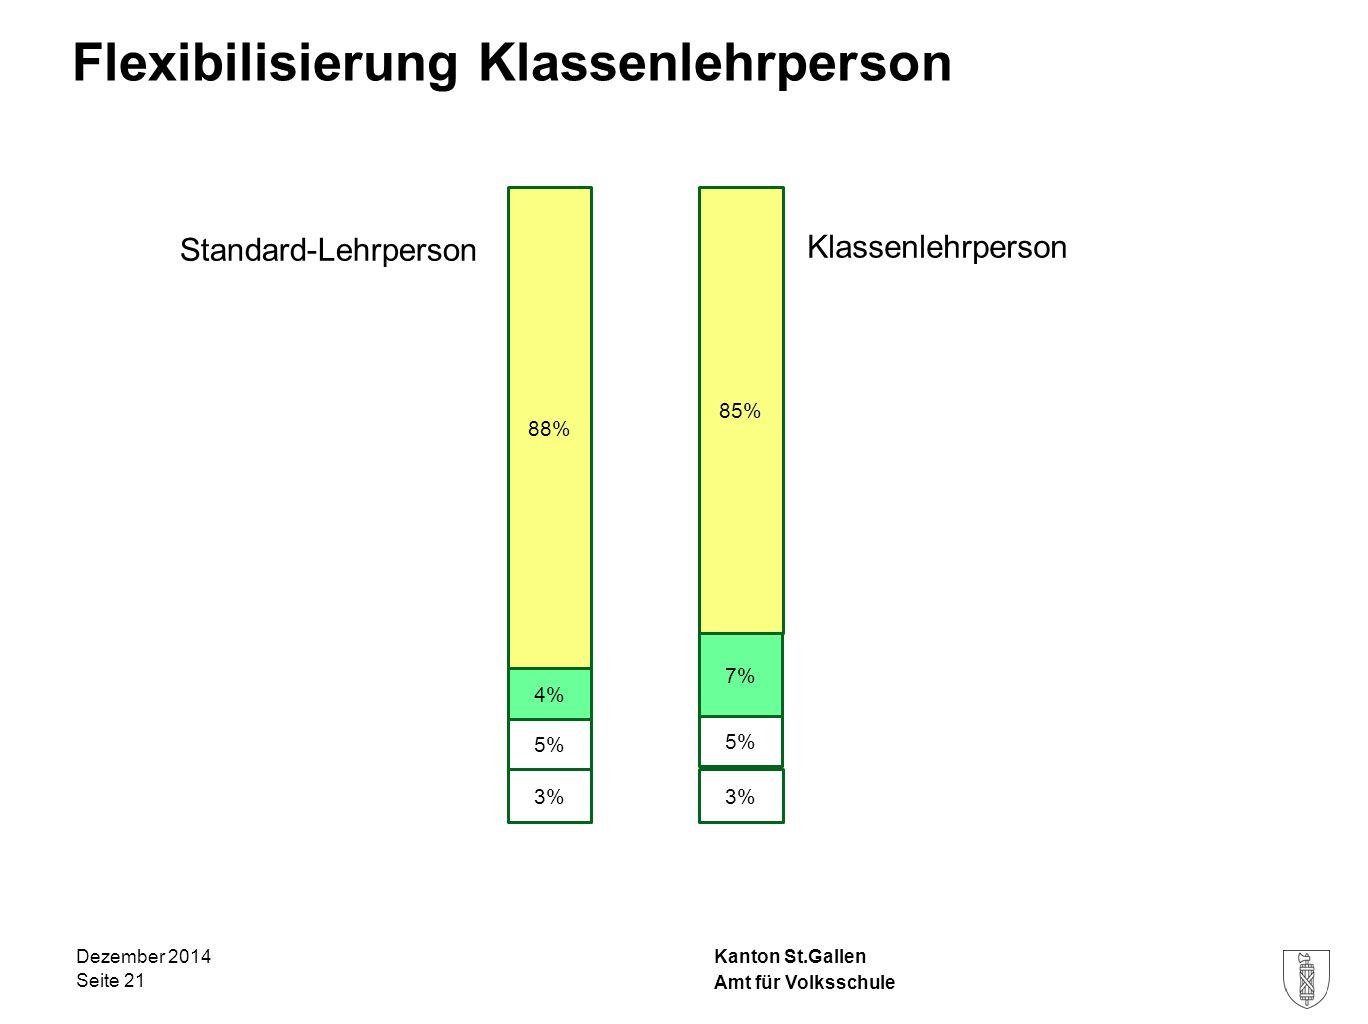 Kanton St.Gallen Flexibilisierung Klassenlehrperson Dezember 2014 Seite 21 4% 88% 5% 3% Amt für Volksschule 85% 7% 5% 3% Standard-Lehrperson Klassenle